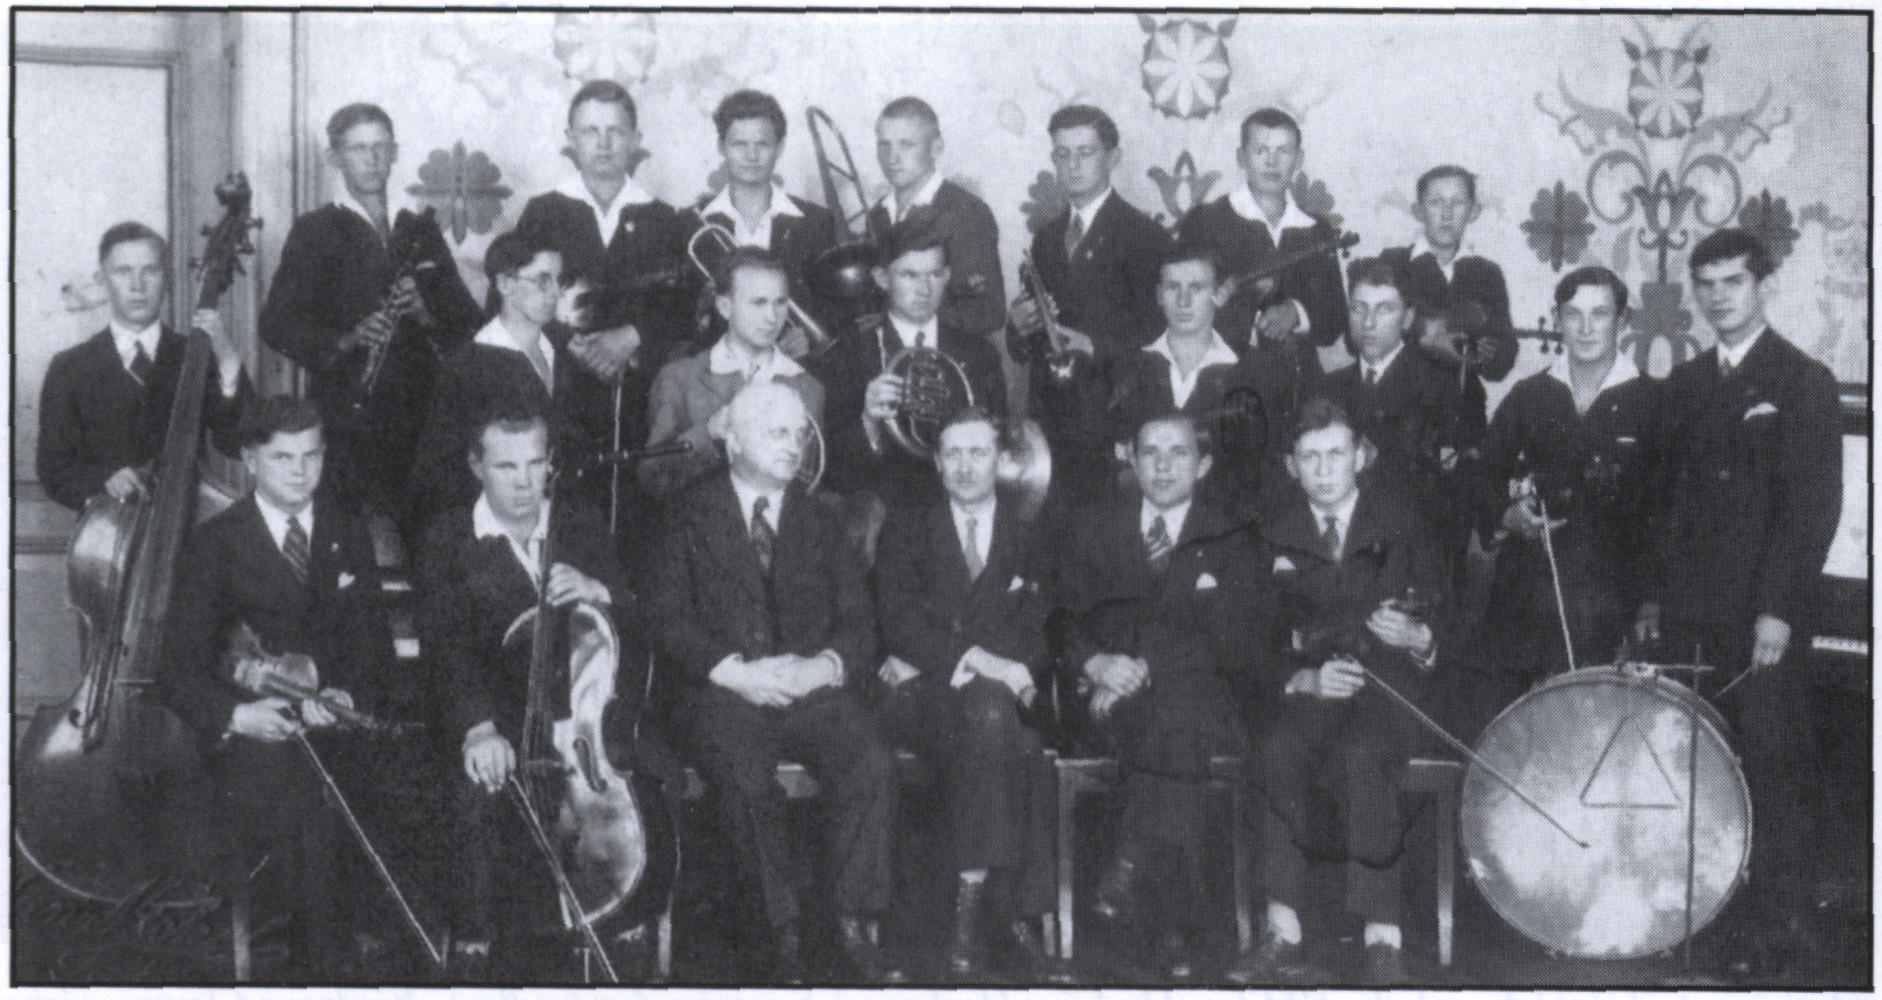 Orkiestra  w Kościerzynie. W pierwszym rzędzie drugi od lewej z wiolonczelą siedzi Lubomir Szopiński,  w trzecim rzędzie Bronisław Lubiński z puzonem